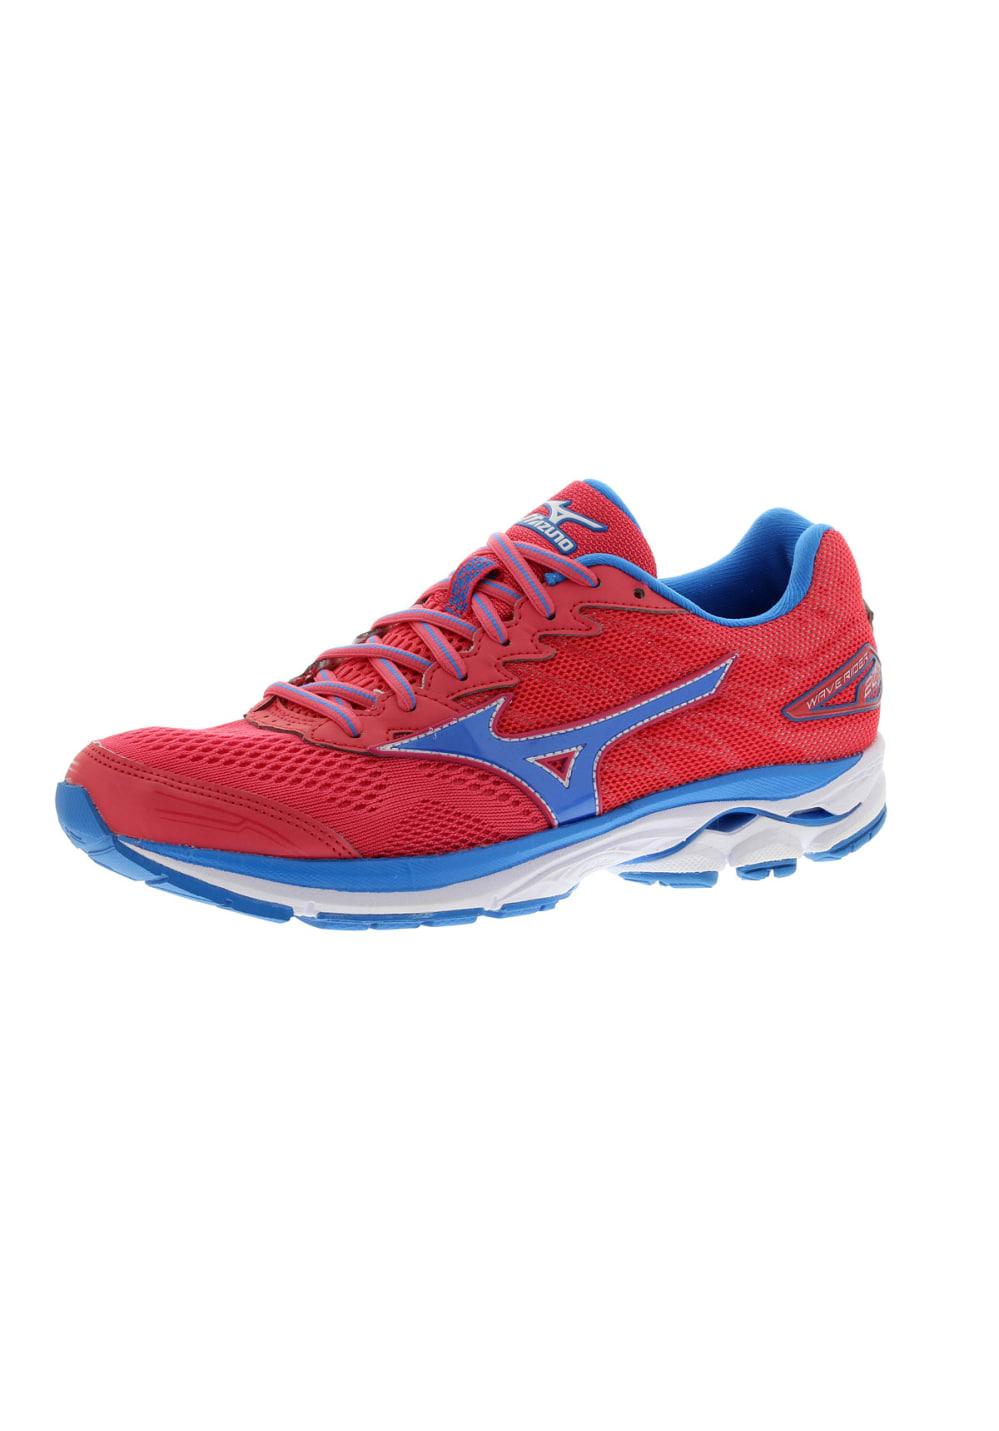 5b8958711b72 Mizuno Wave Rider 20 - Running shoes for Women - Red | 21RUN